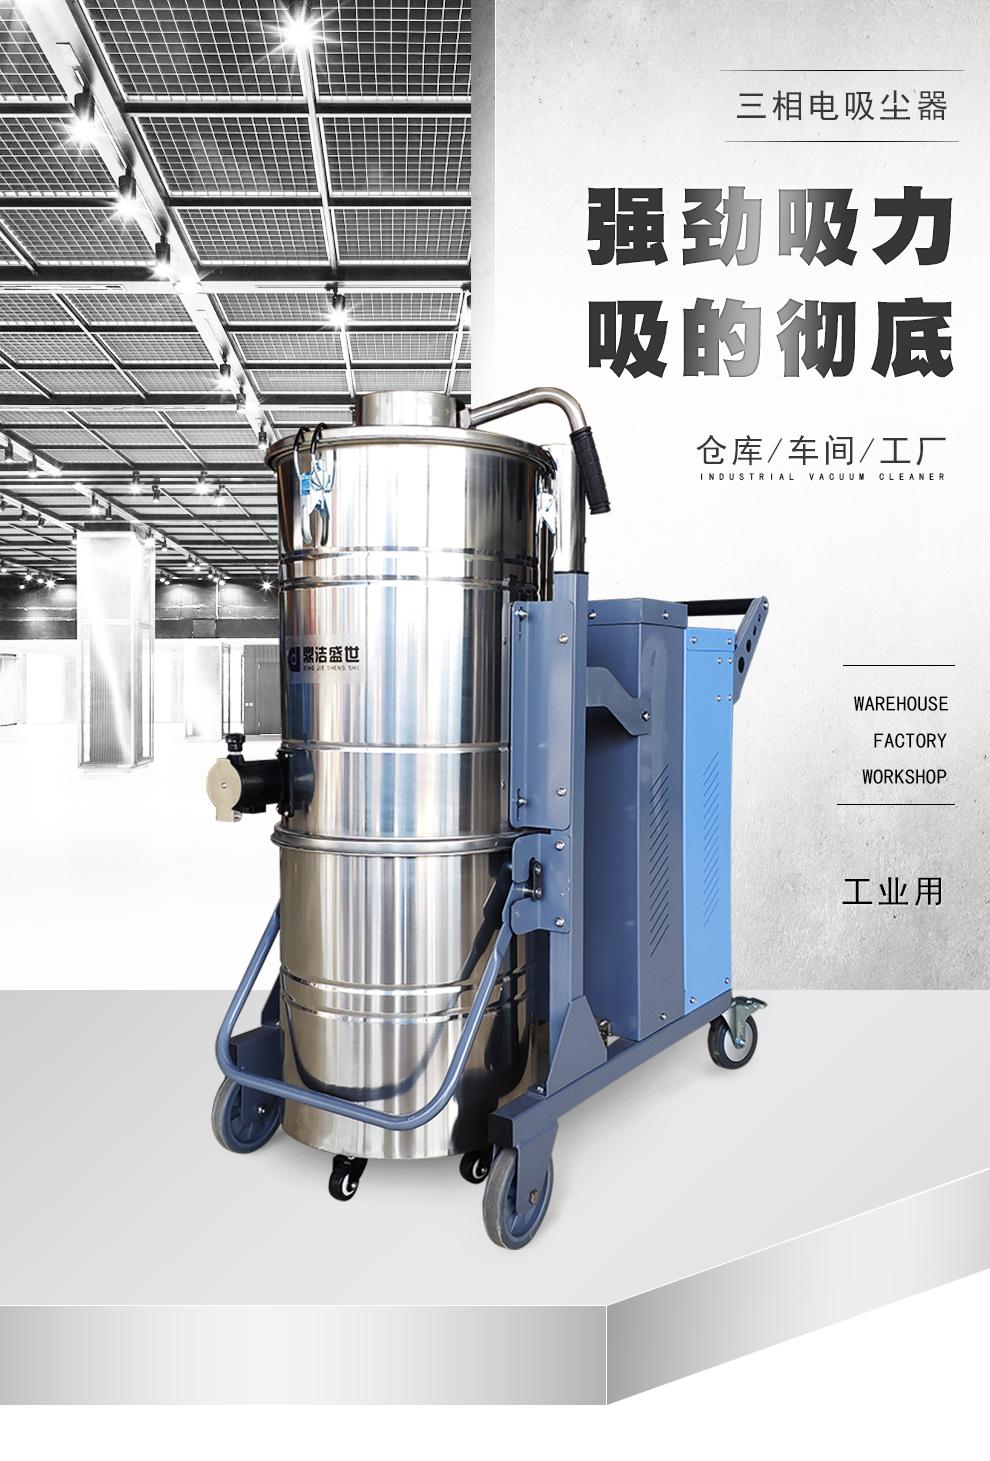 鼎洁盛世ST5510 大功率三相重型工业吸尘器详情_03